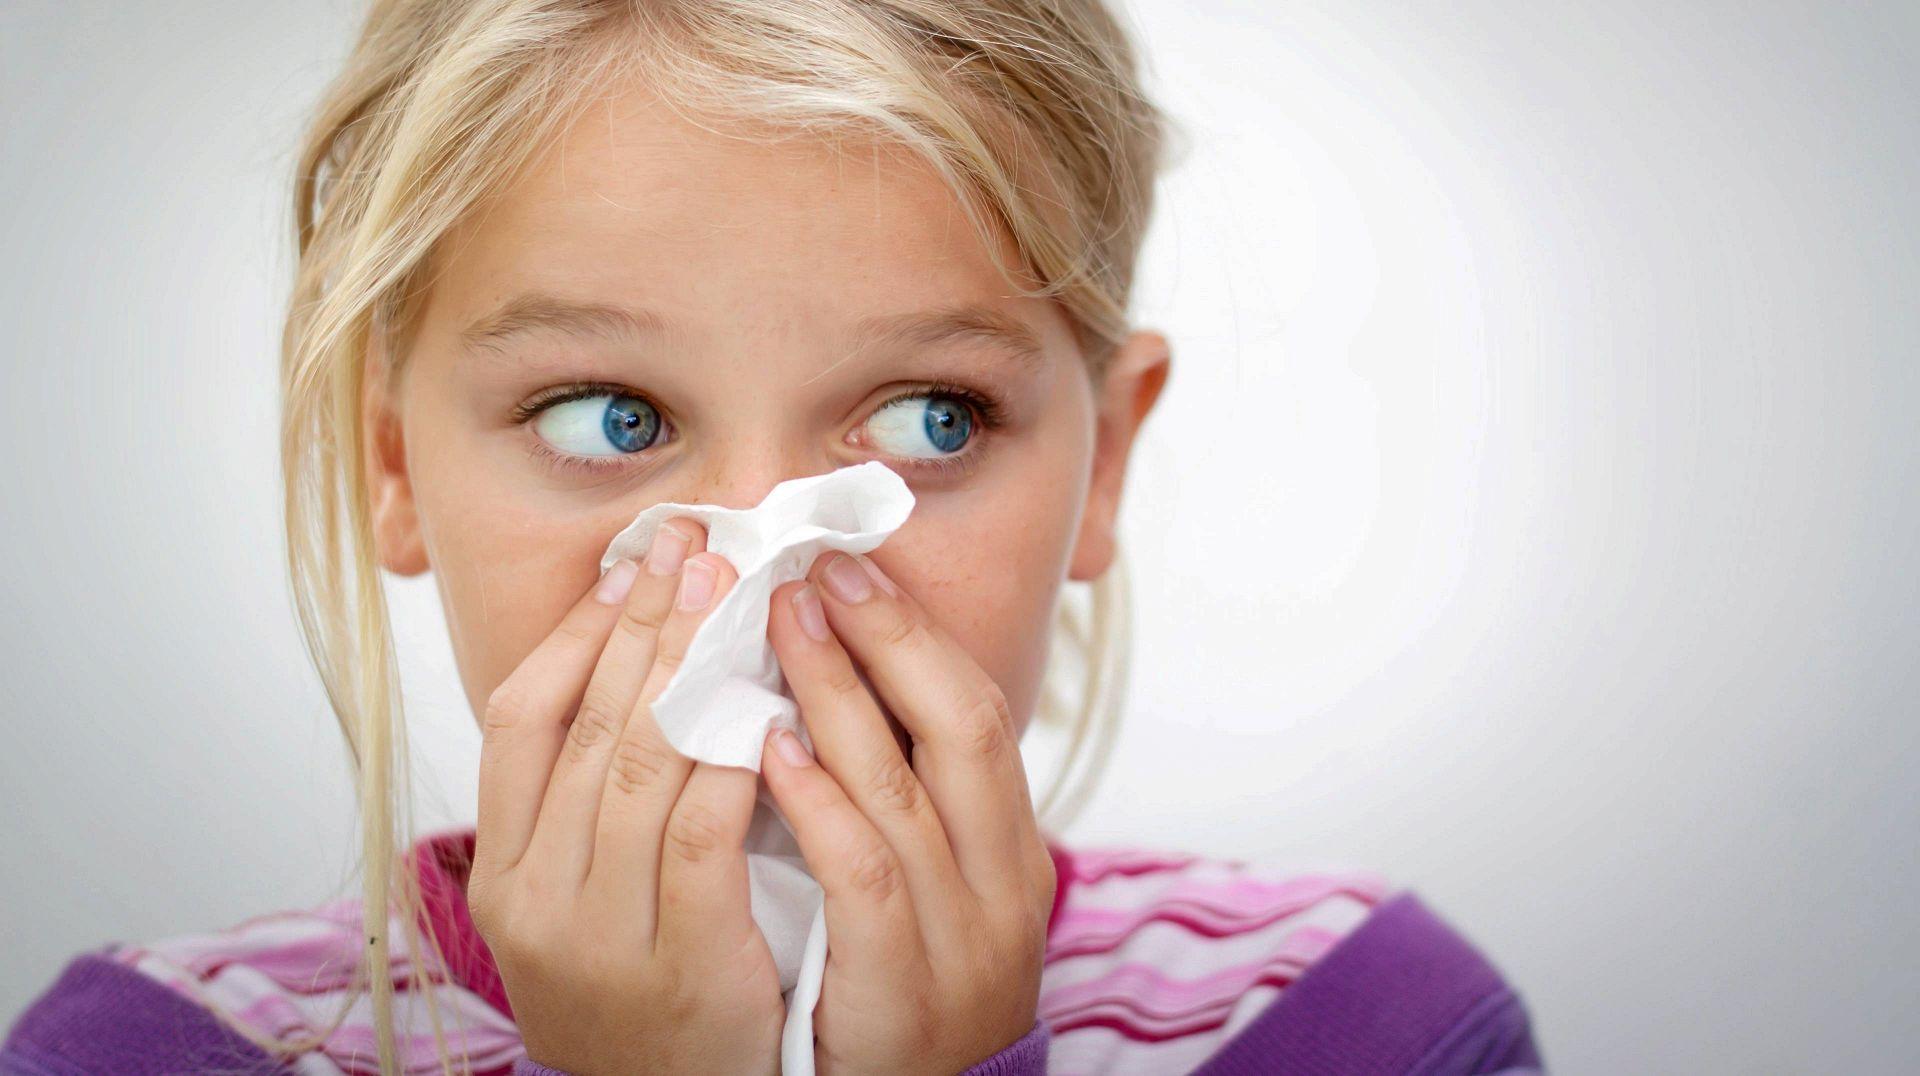 Почему идёт кровь из носа у ребёнка и как её правильно остановить?